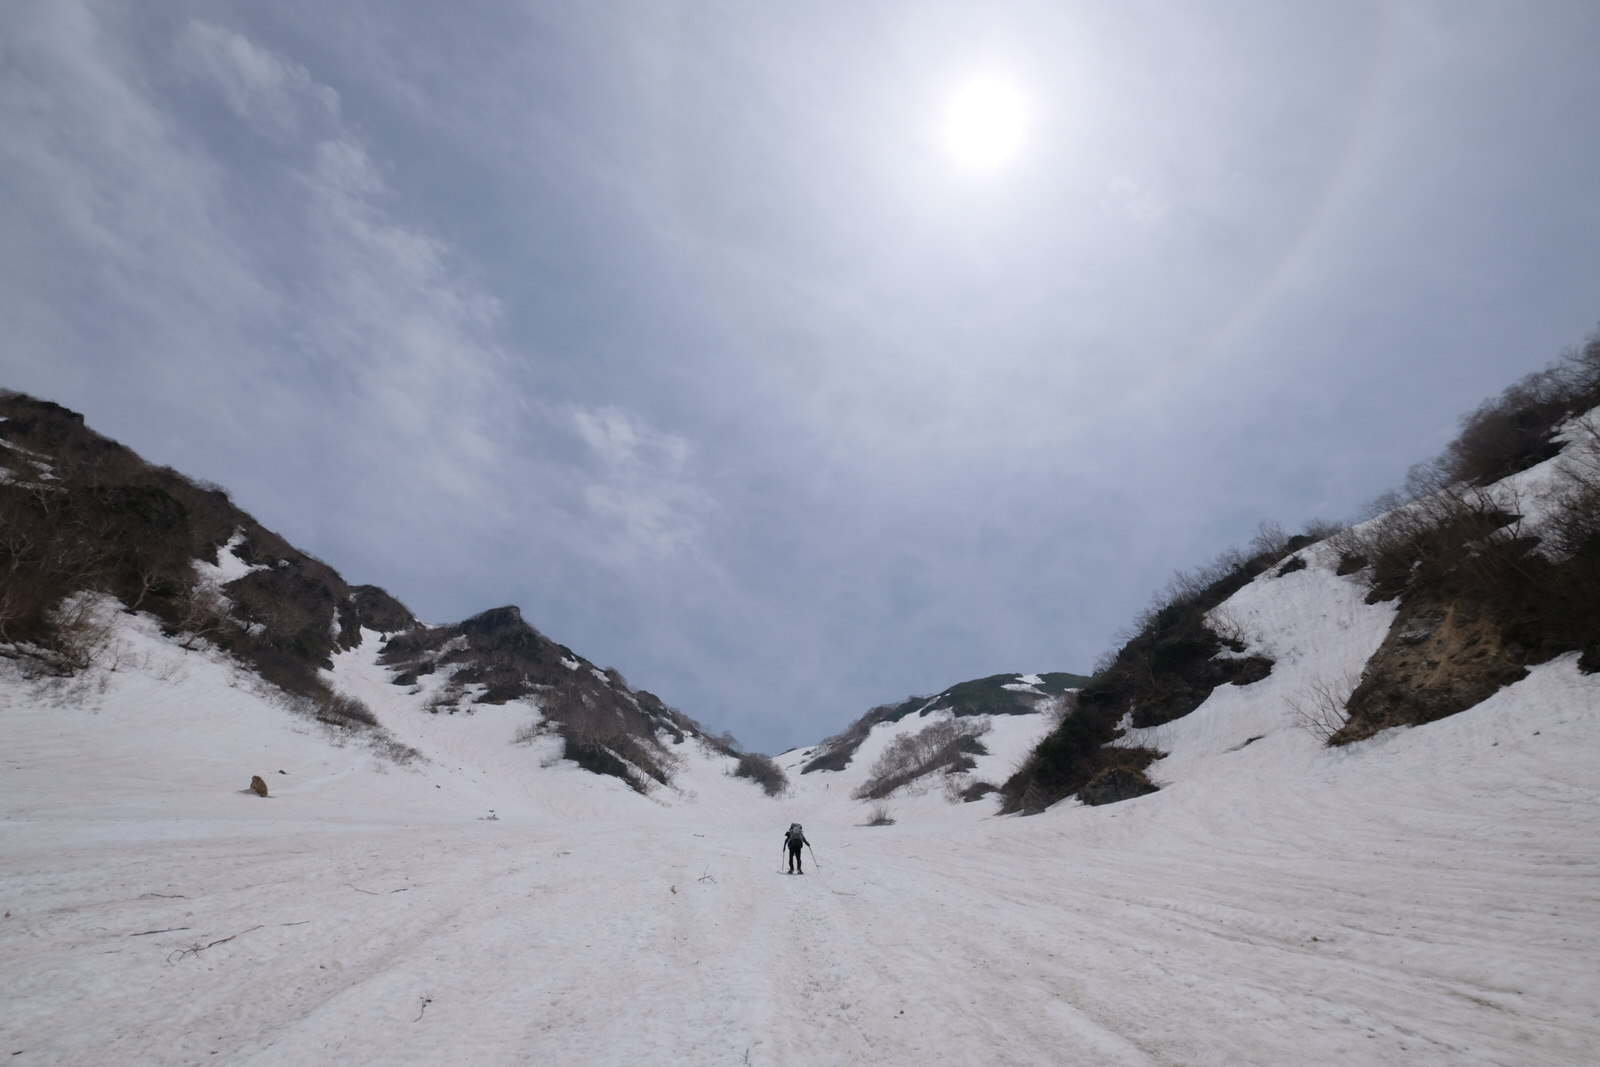 【残雪期・雪山登山】針ノ木岳~日本三大雪渓の1つを行く~